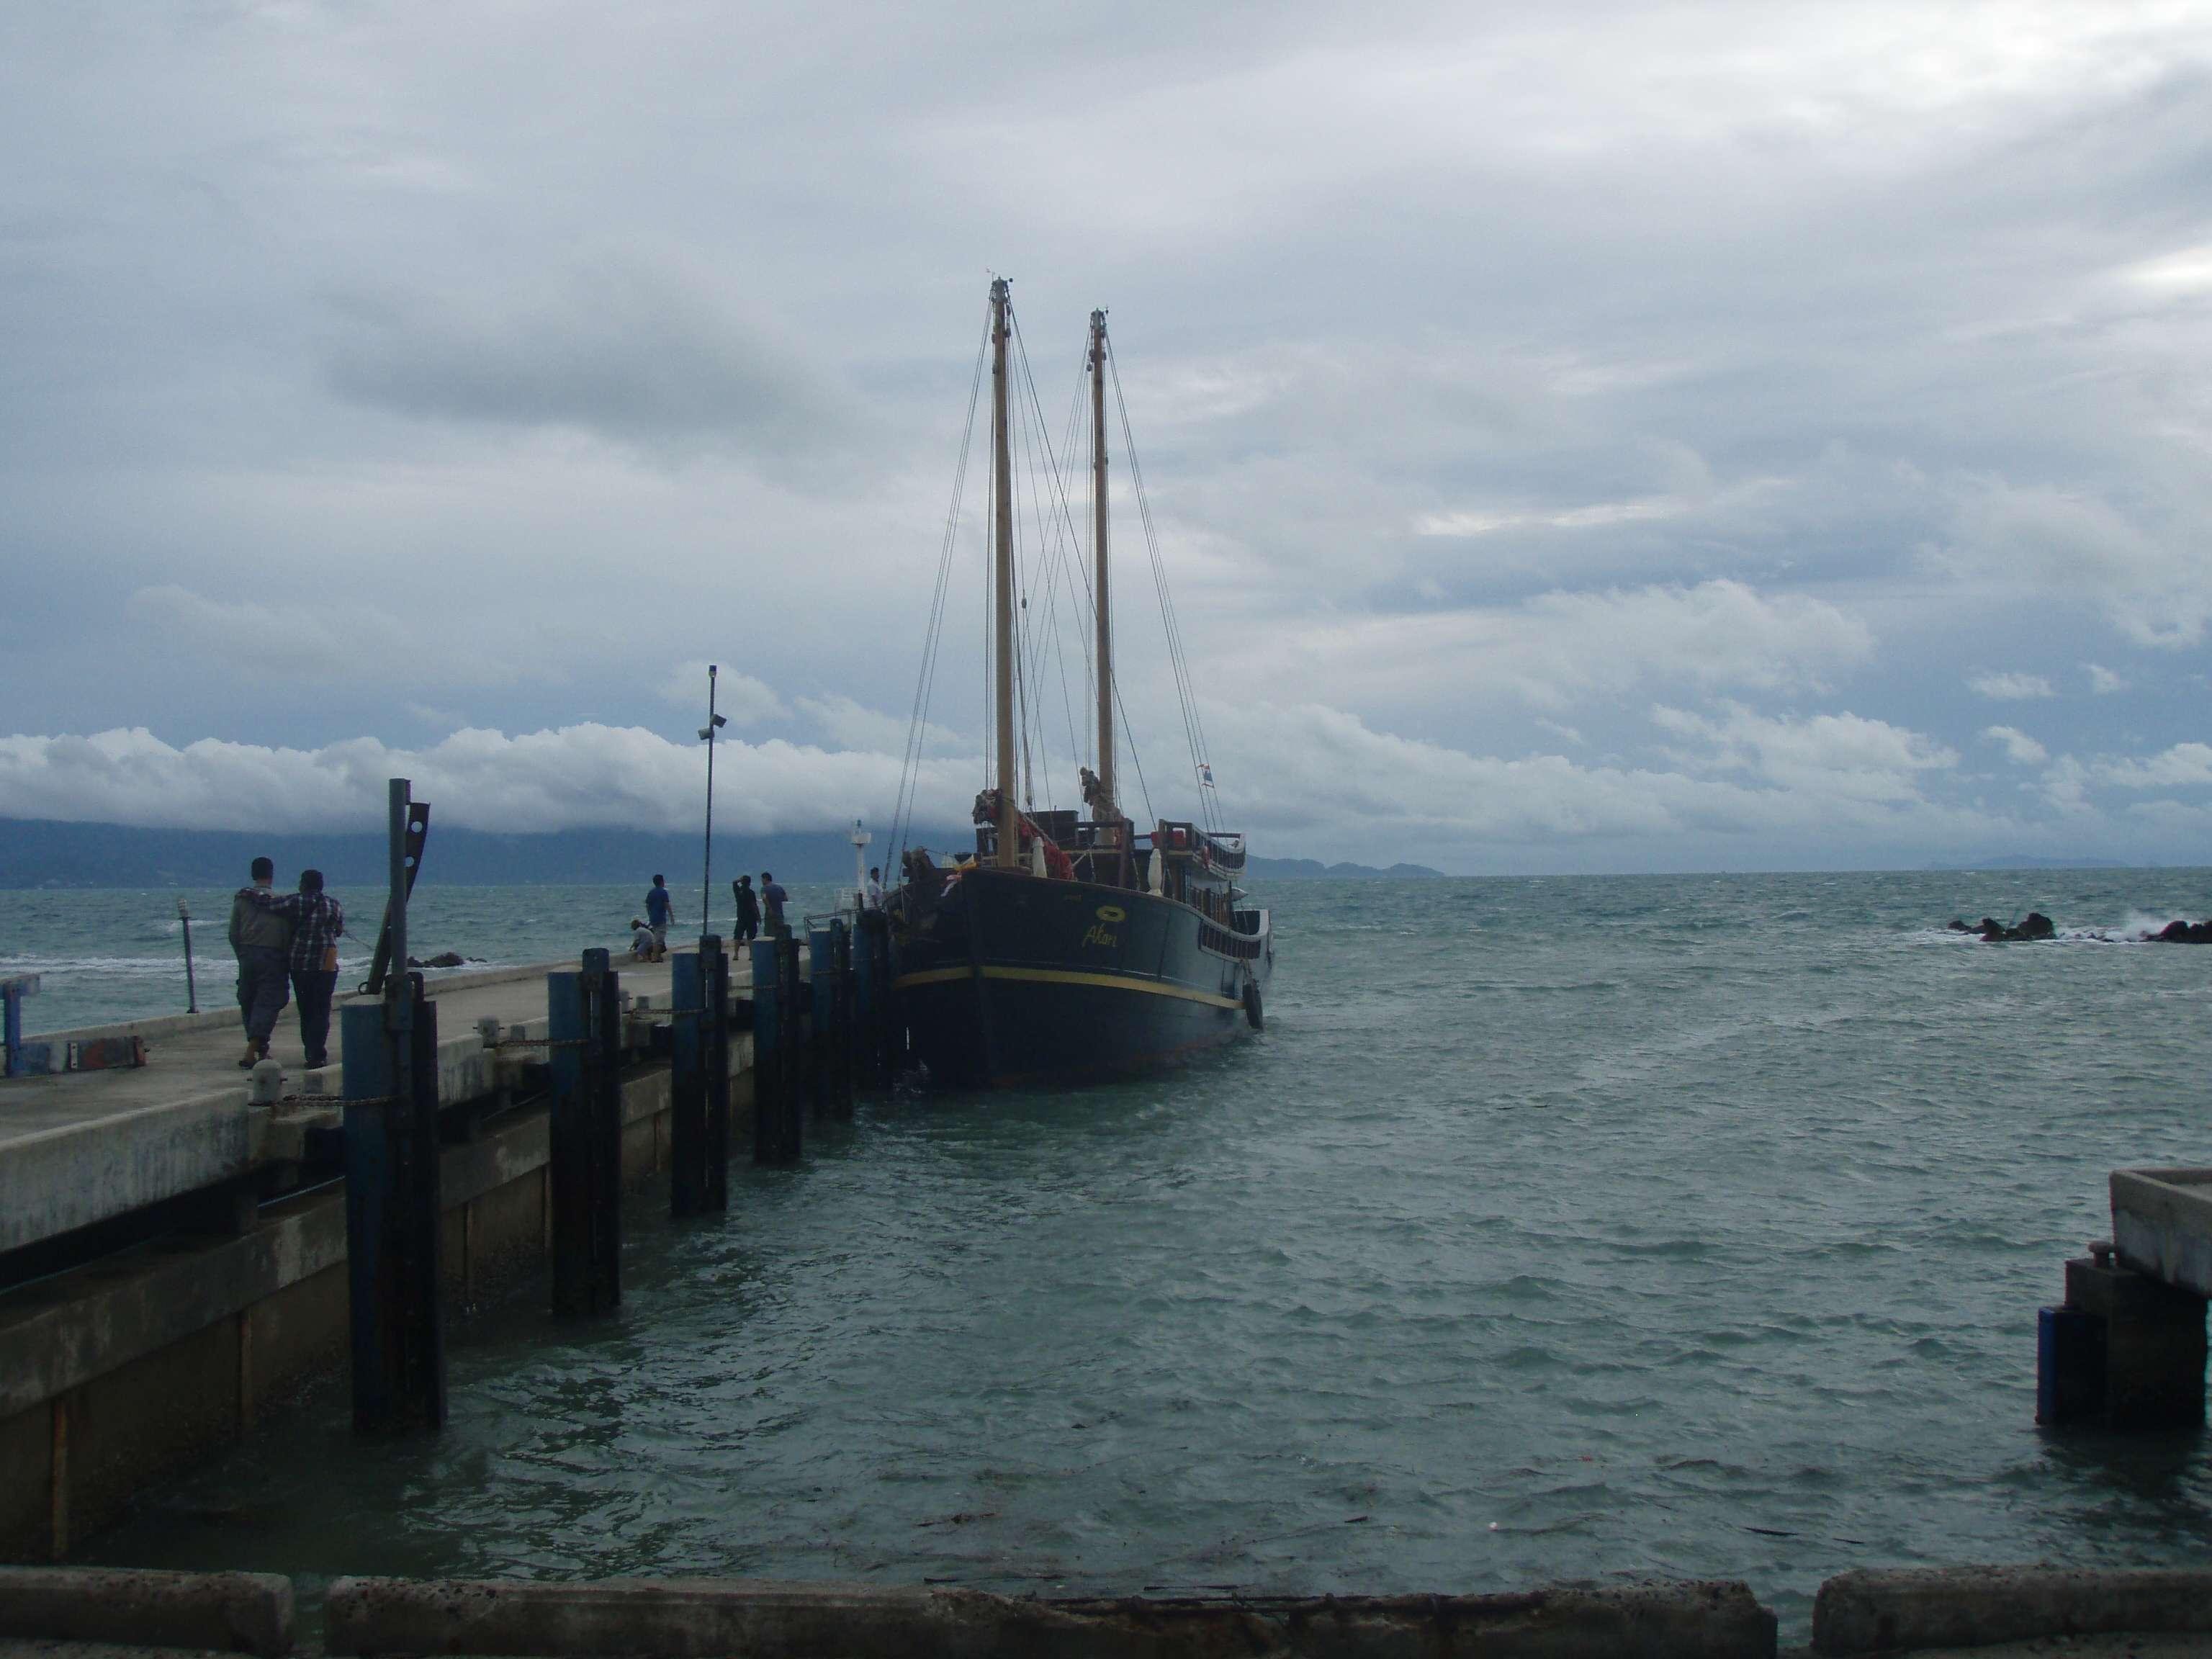 das ist der Ausblick von dem ersten Boot